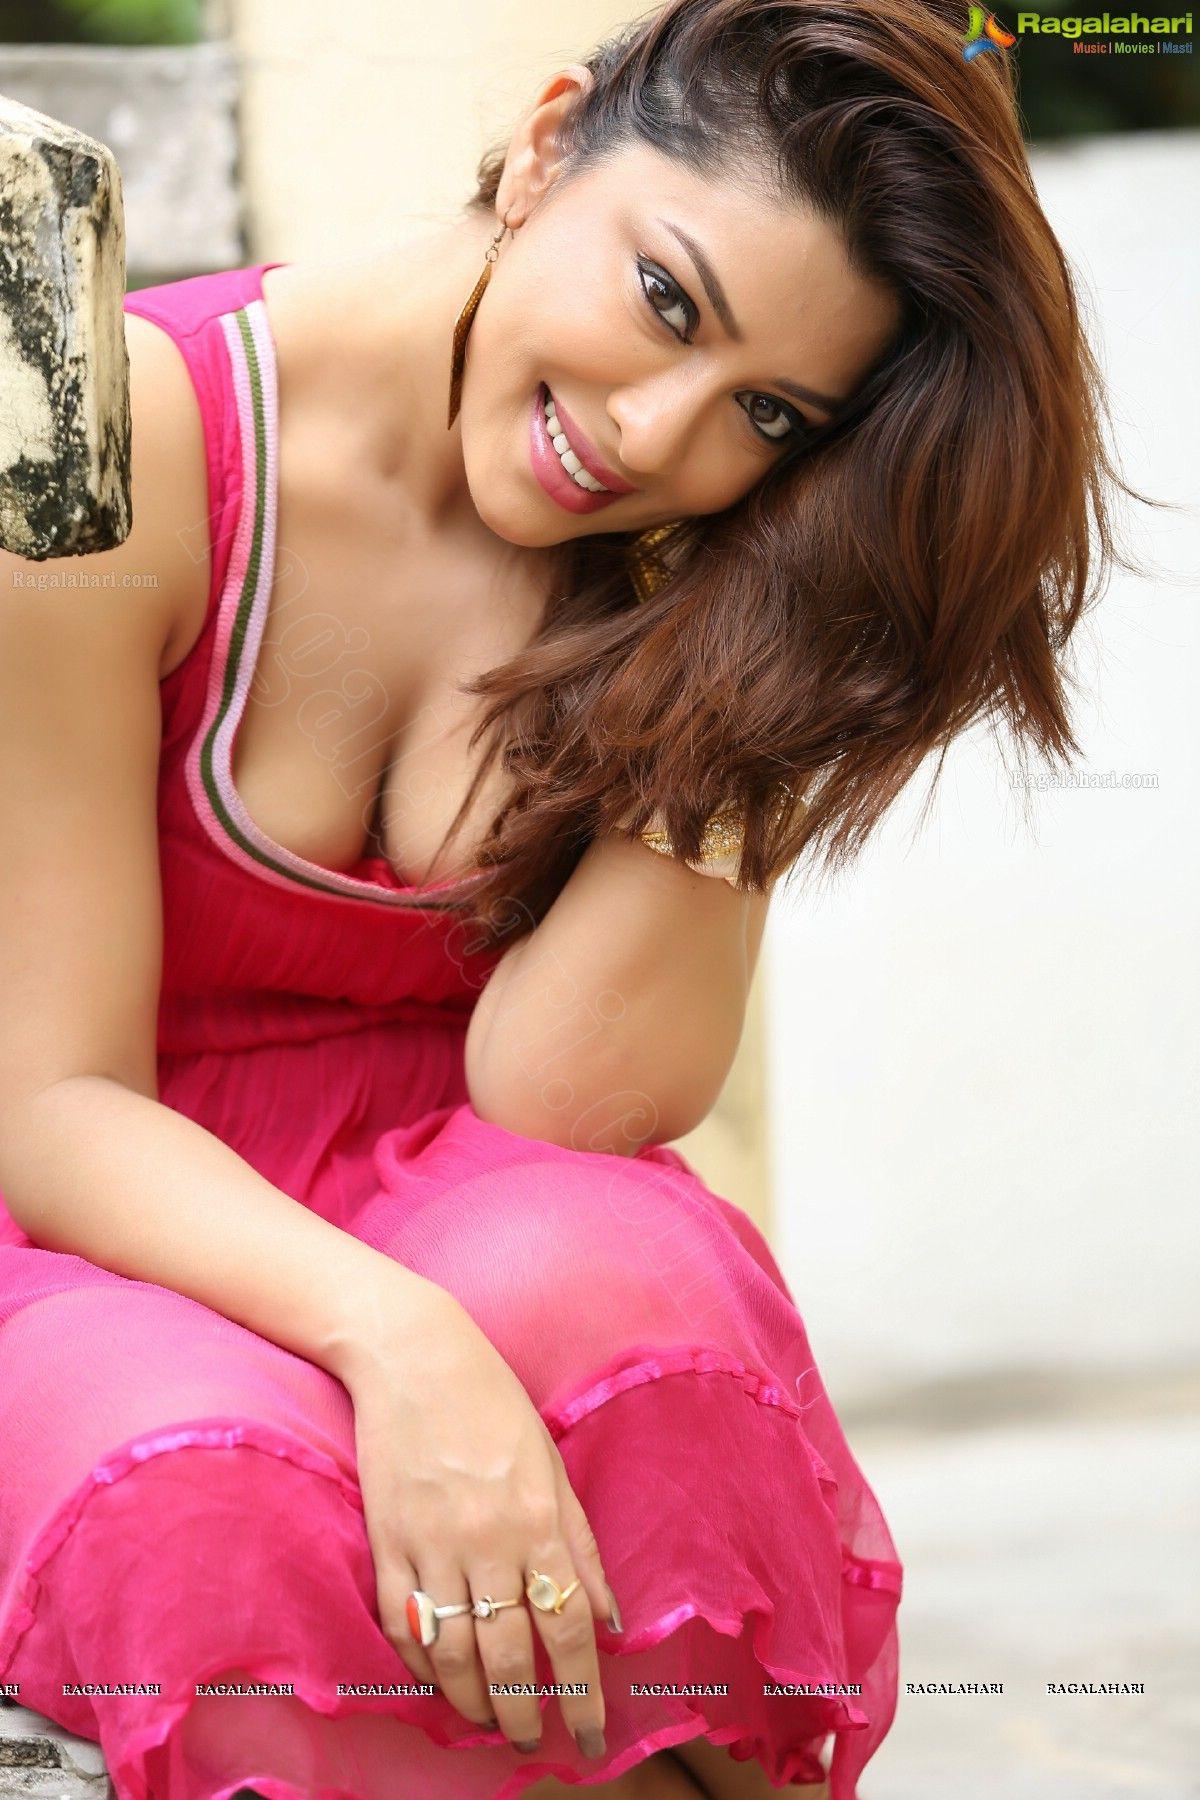 kareena kapooq double penetrating pussy sexy xxx.com